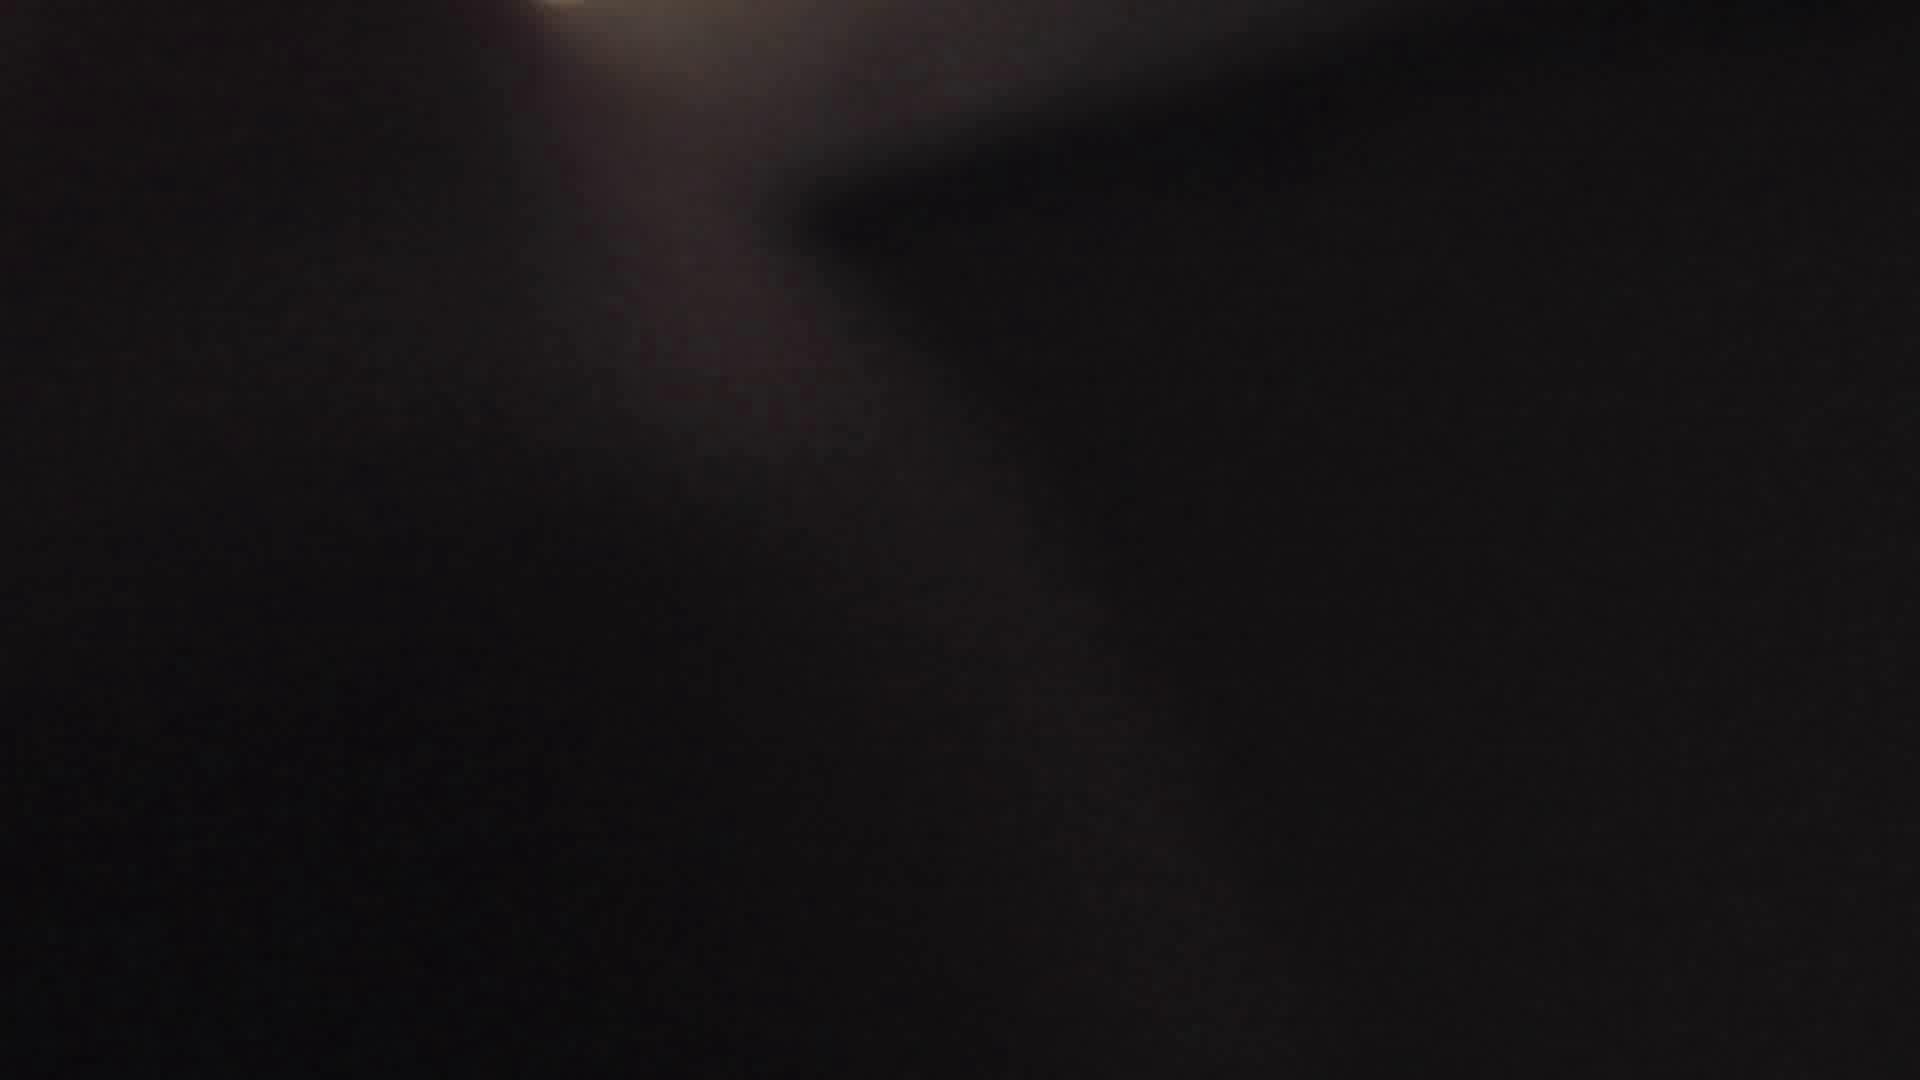 世界の射窓から ステーション編 vol.17厦大女厕偷拍 qianp OLのボディ  105PIX 66